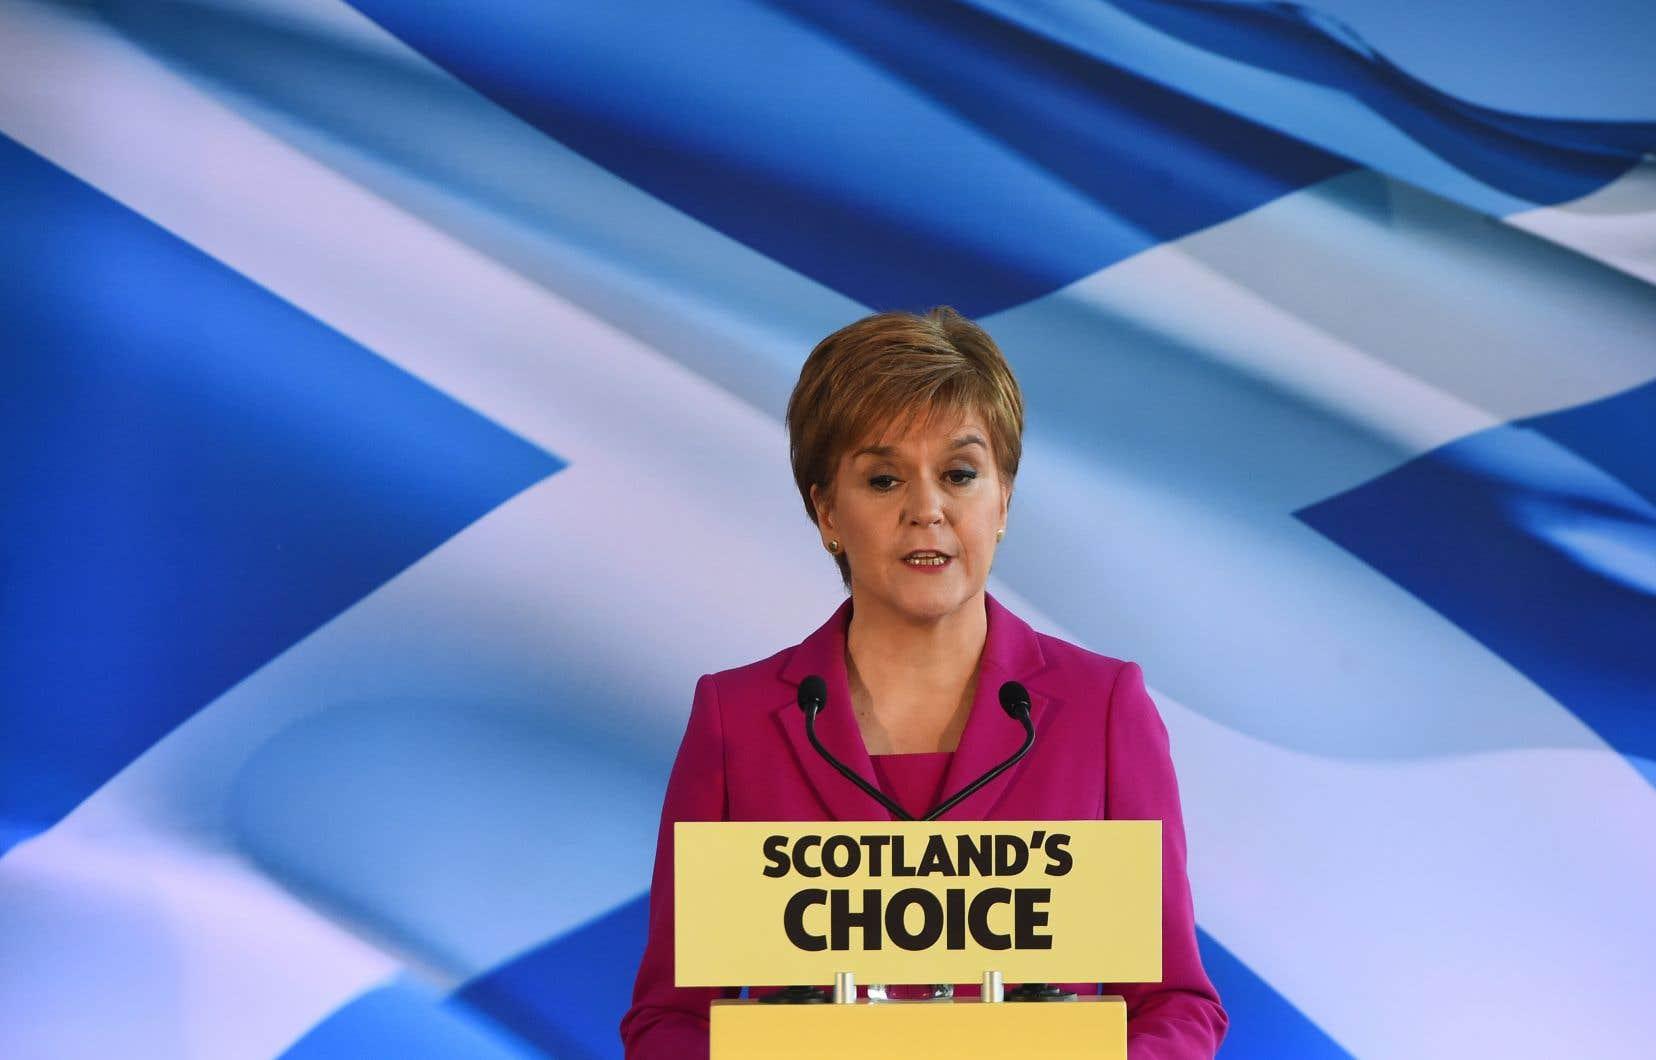 Peu après l'annonce des résultats, la première ministre écossaise Nicola Sturgeon a estimé que ce scrutin laisse l'Écosse et le reste du Royaume-Uni sur des «chemins divergents».